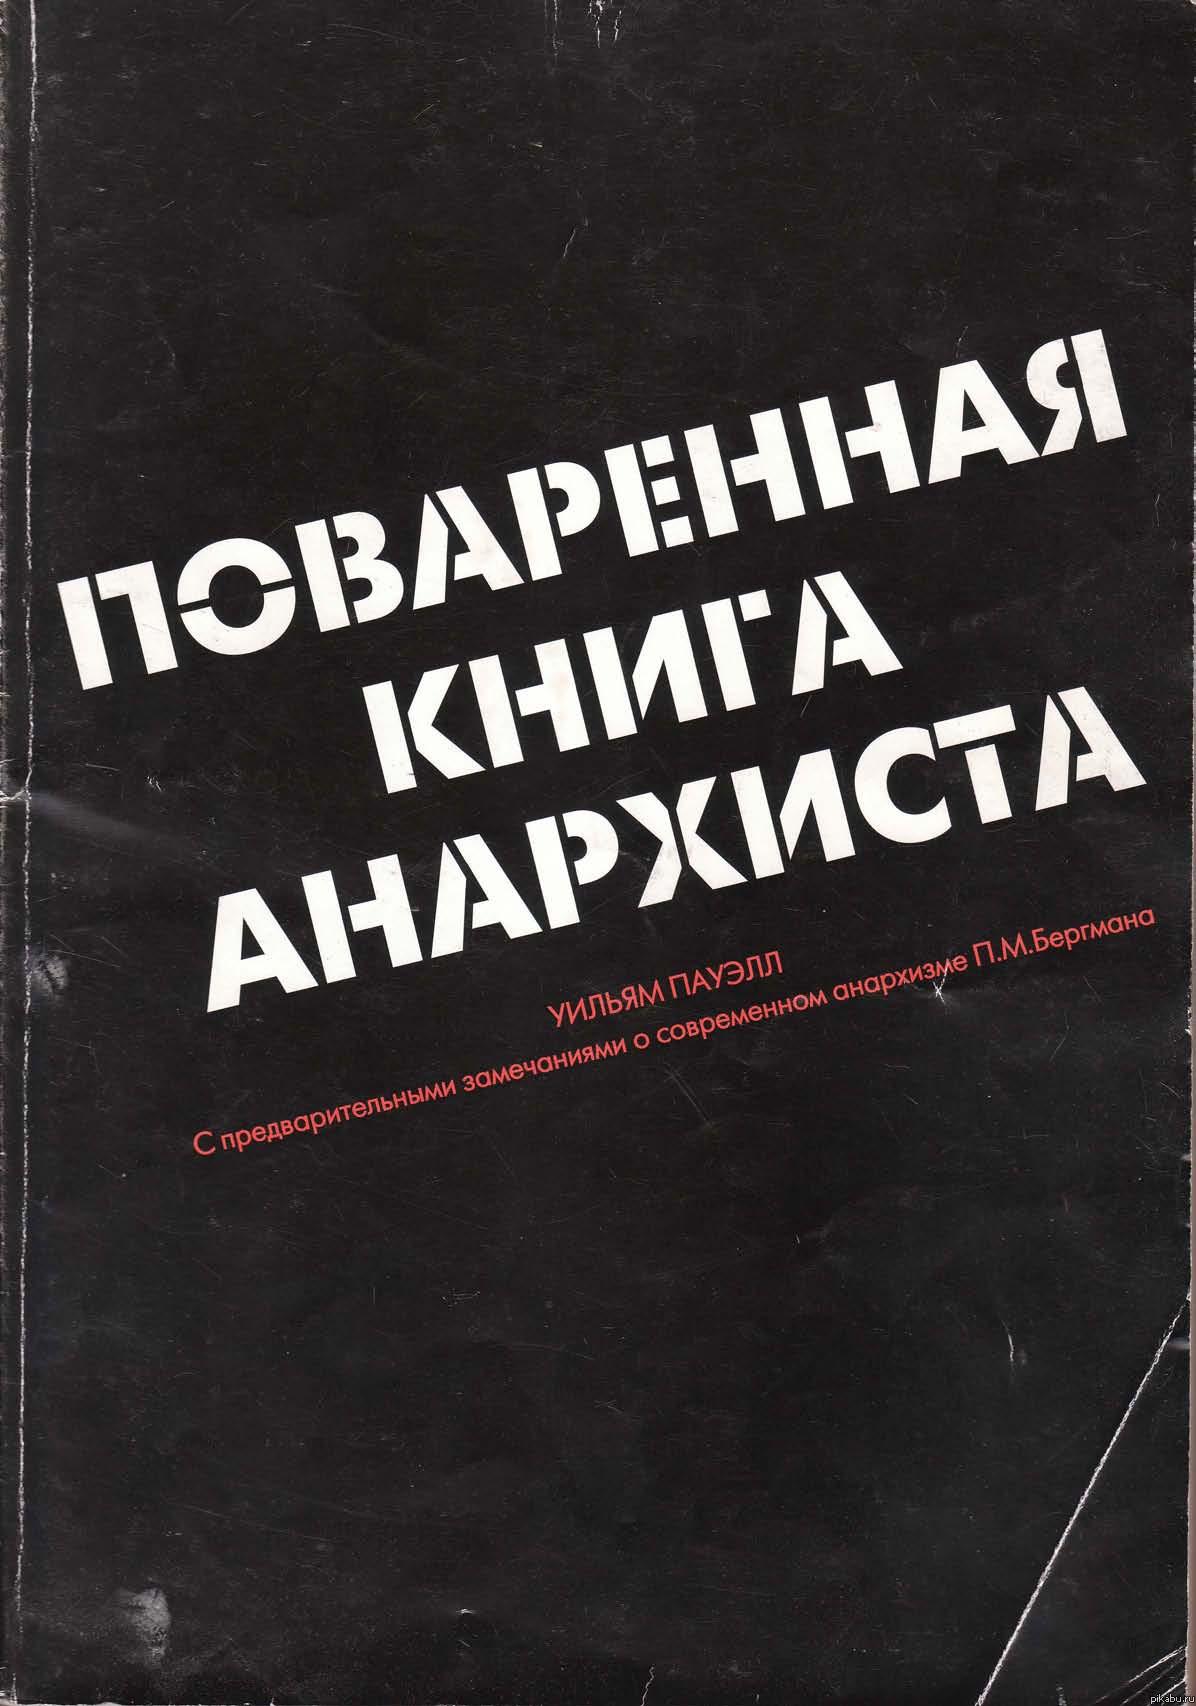 Поваренная книга анархиста epub скачать